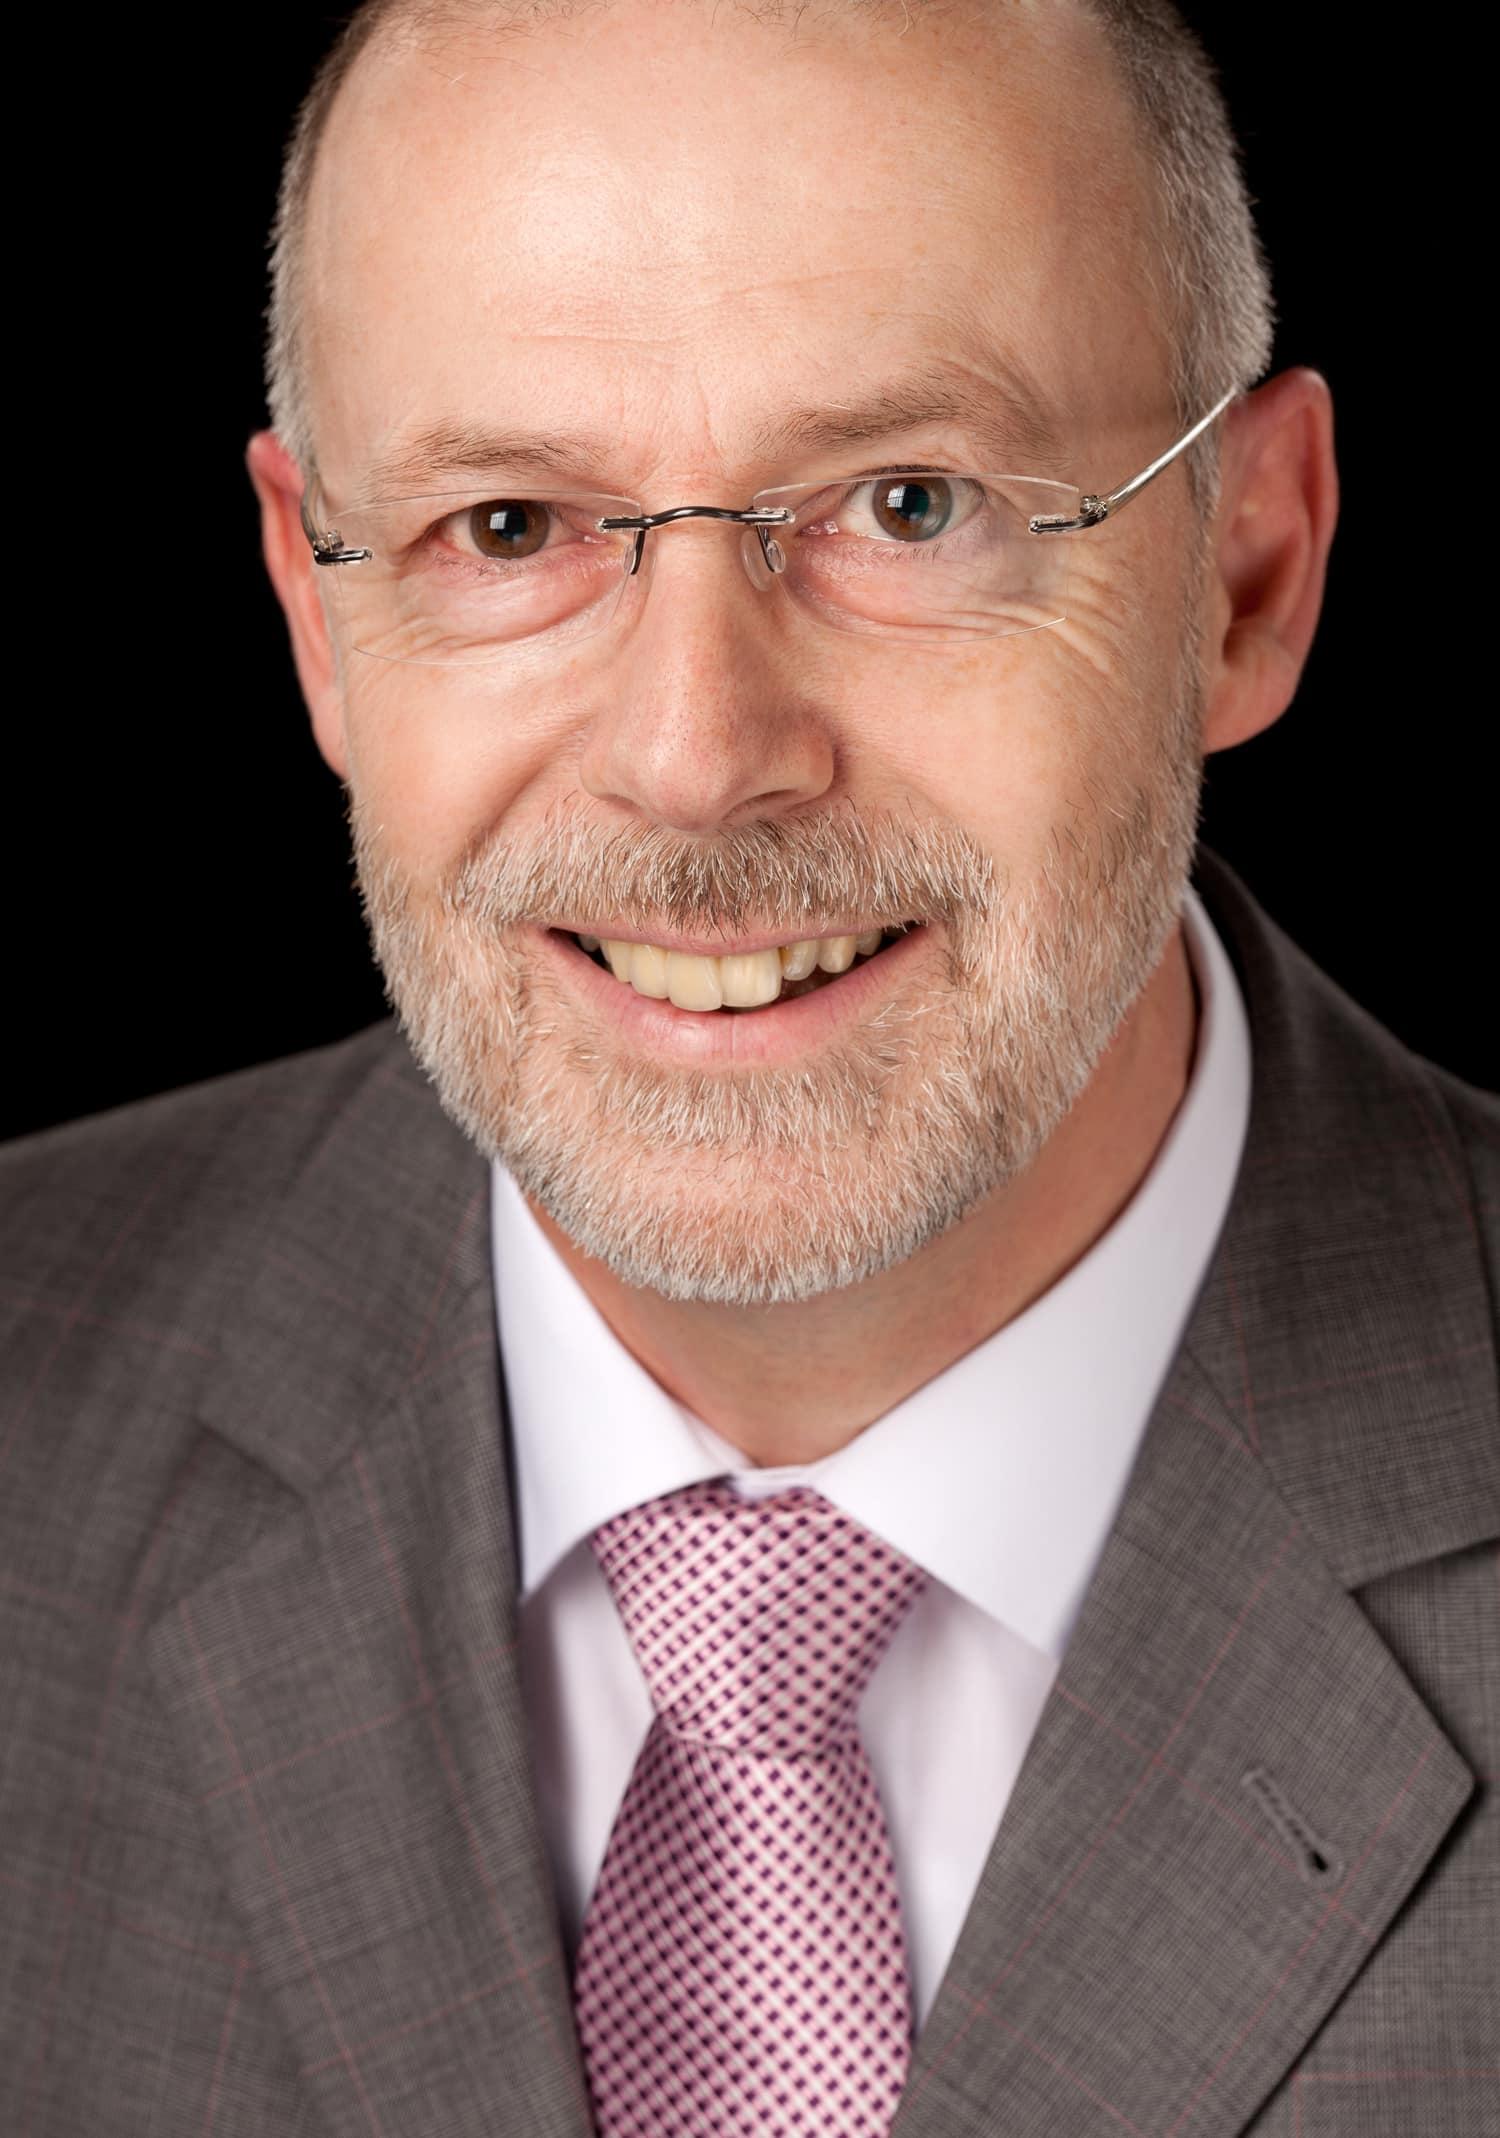 Thomas Wilkens, Geschäftsinhaber von Wilkens-Immobilien, Ihrem Immobilienmakler im Landkreis Harburg